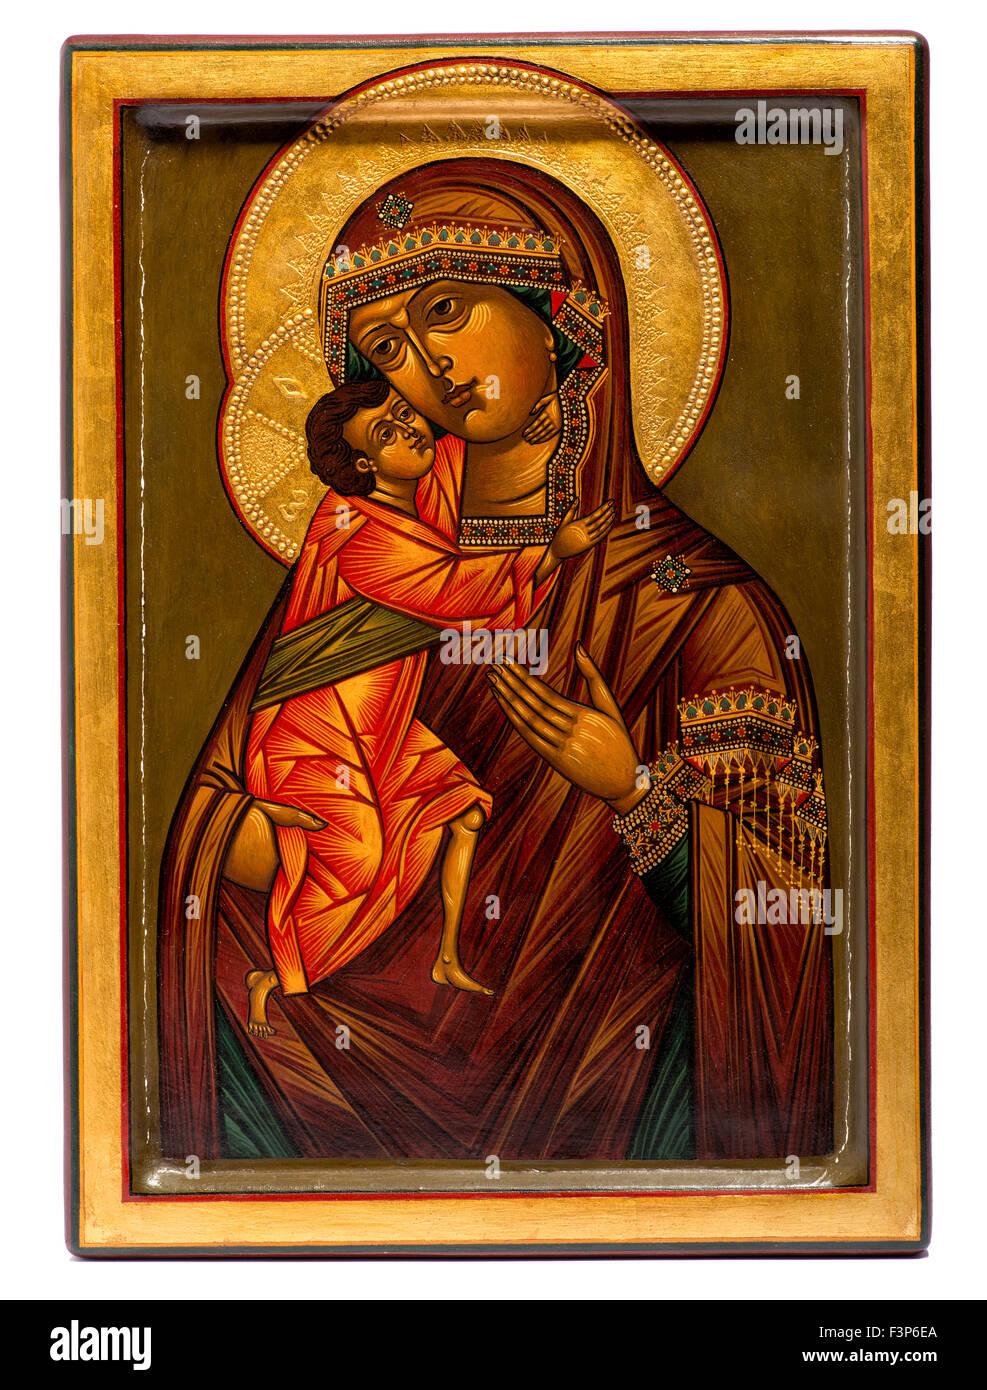 Religieux en bois peint l'icône chrétienne de la Vierge Marie et Jésus Photo Stock